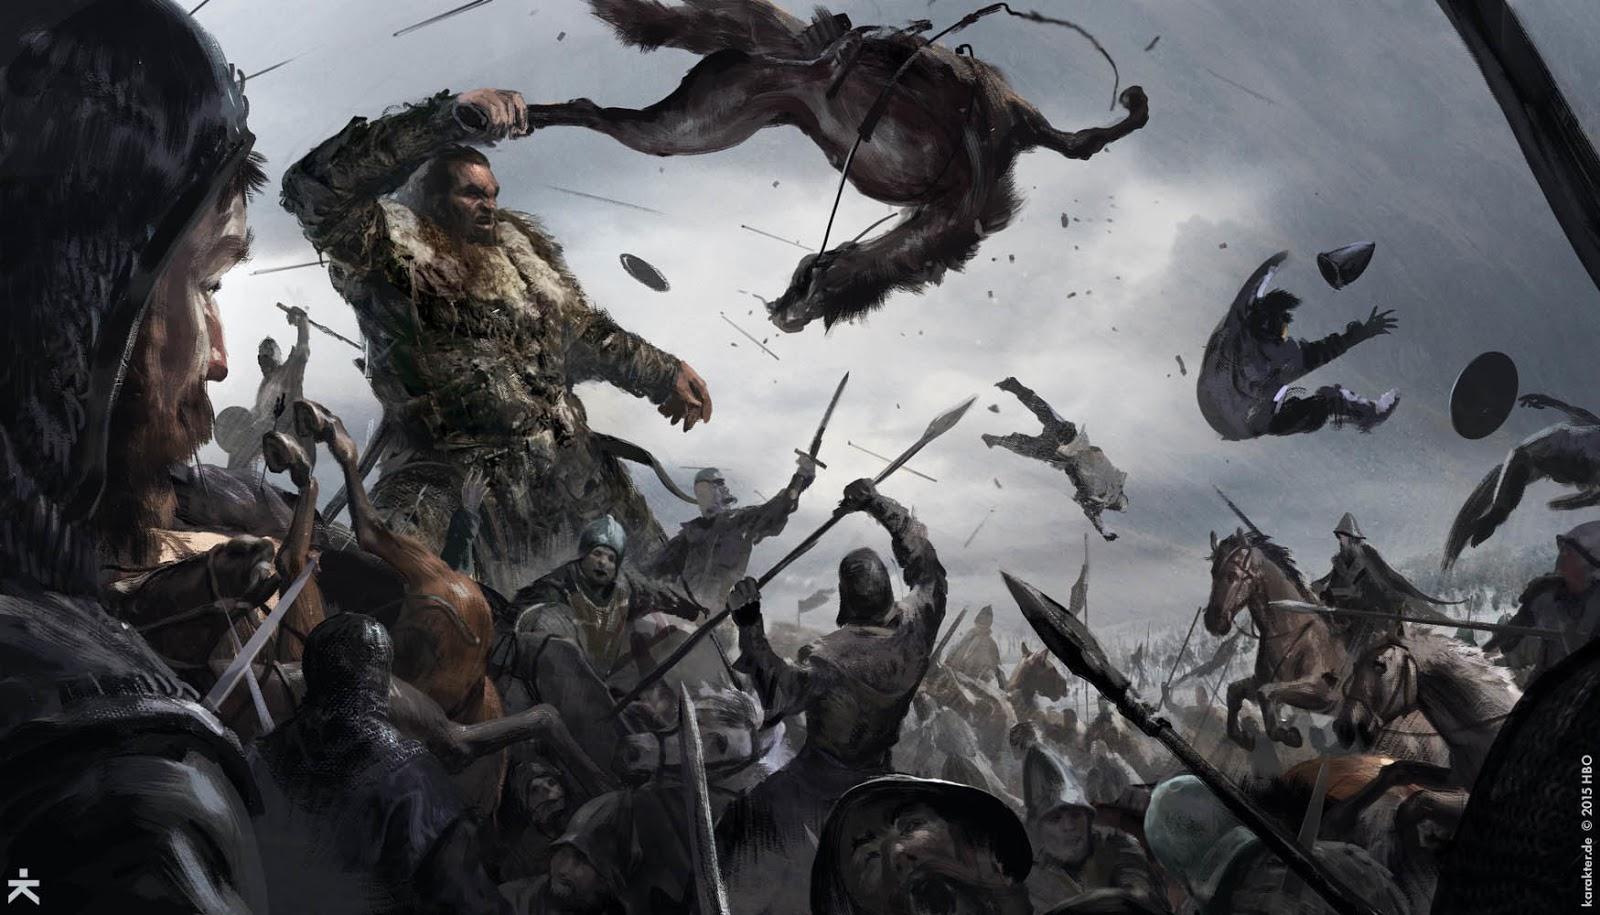 Wun Wun | Game of Thrones